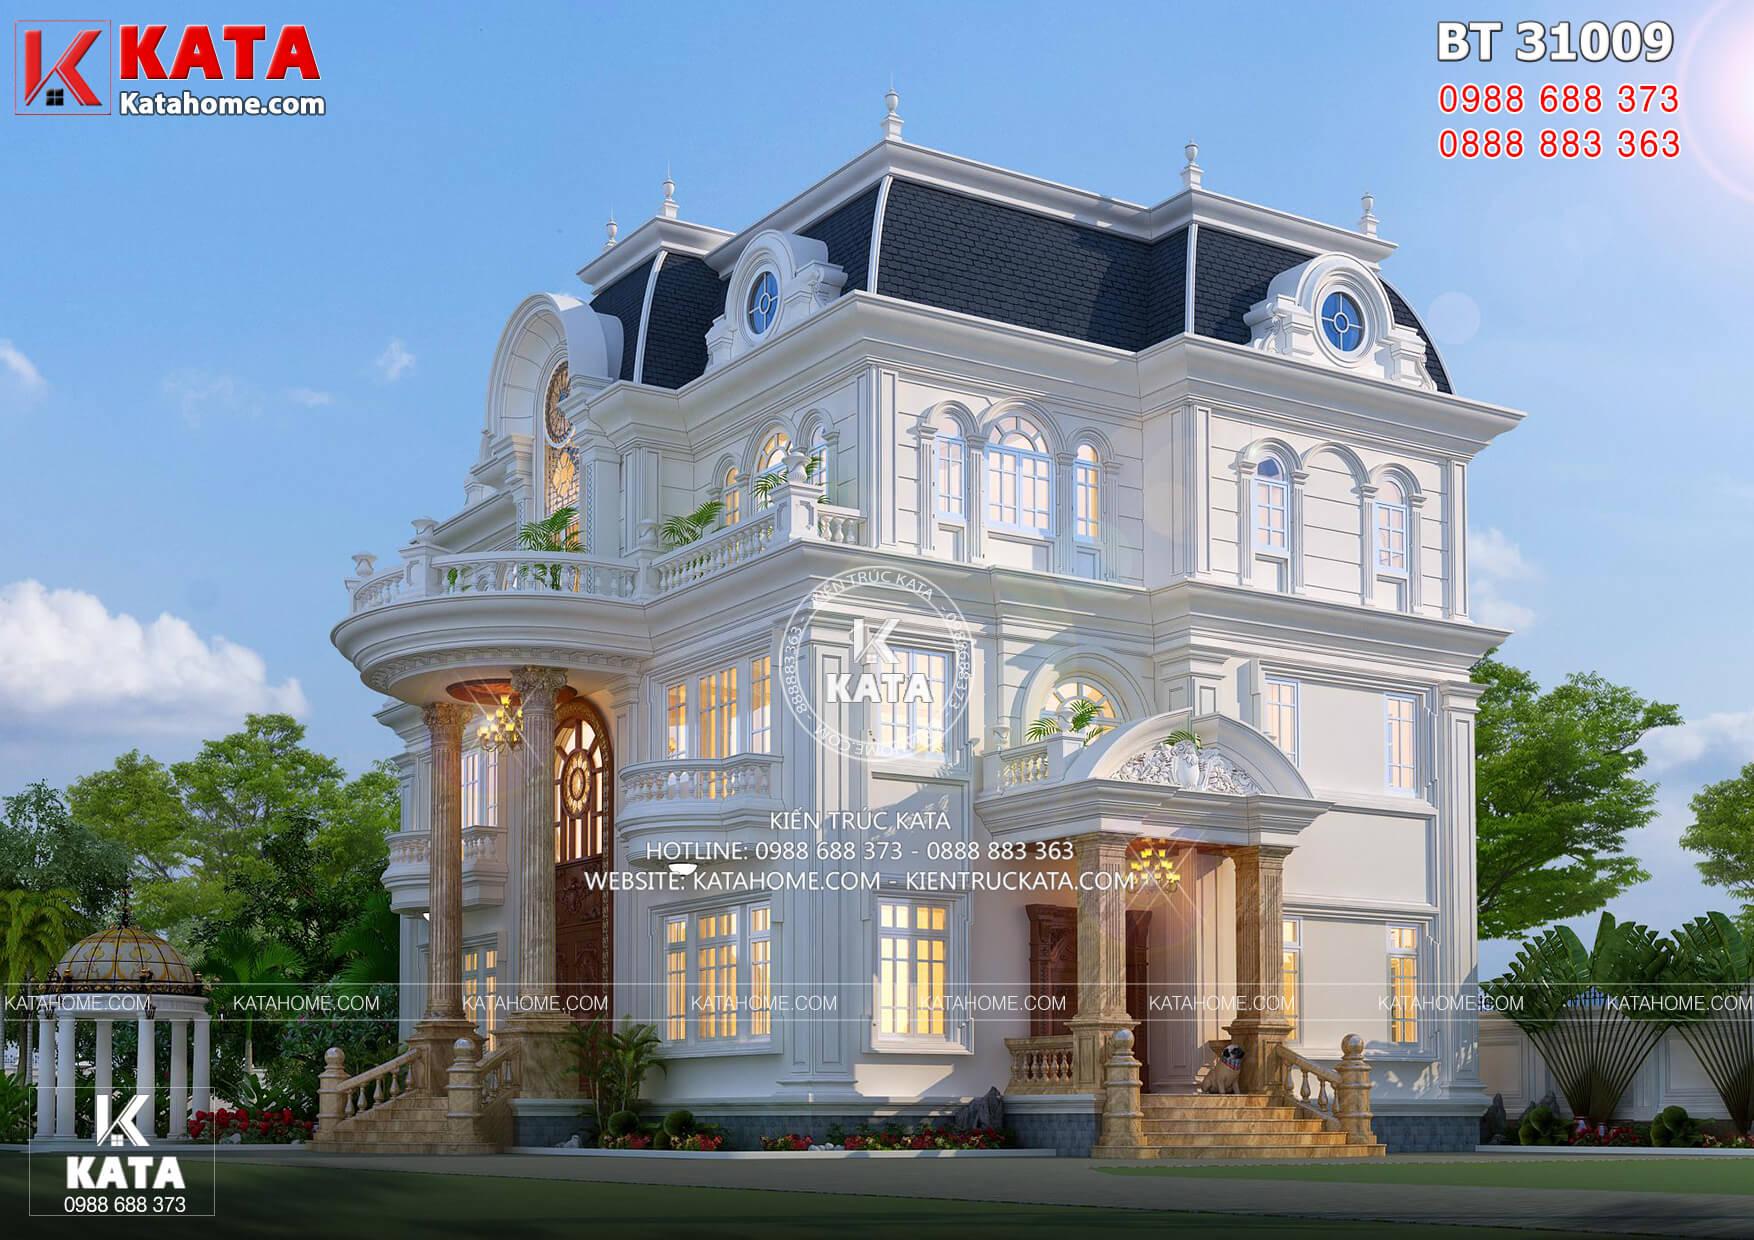 Một góc view mẫu thiết kế biệt thự tân cổ điển 3 tầng tại Vĩnh Long - Mã số: BT 31009